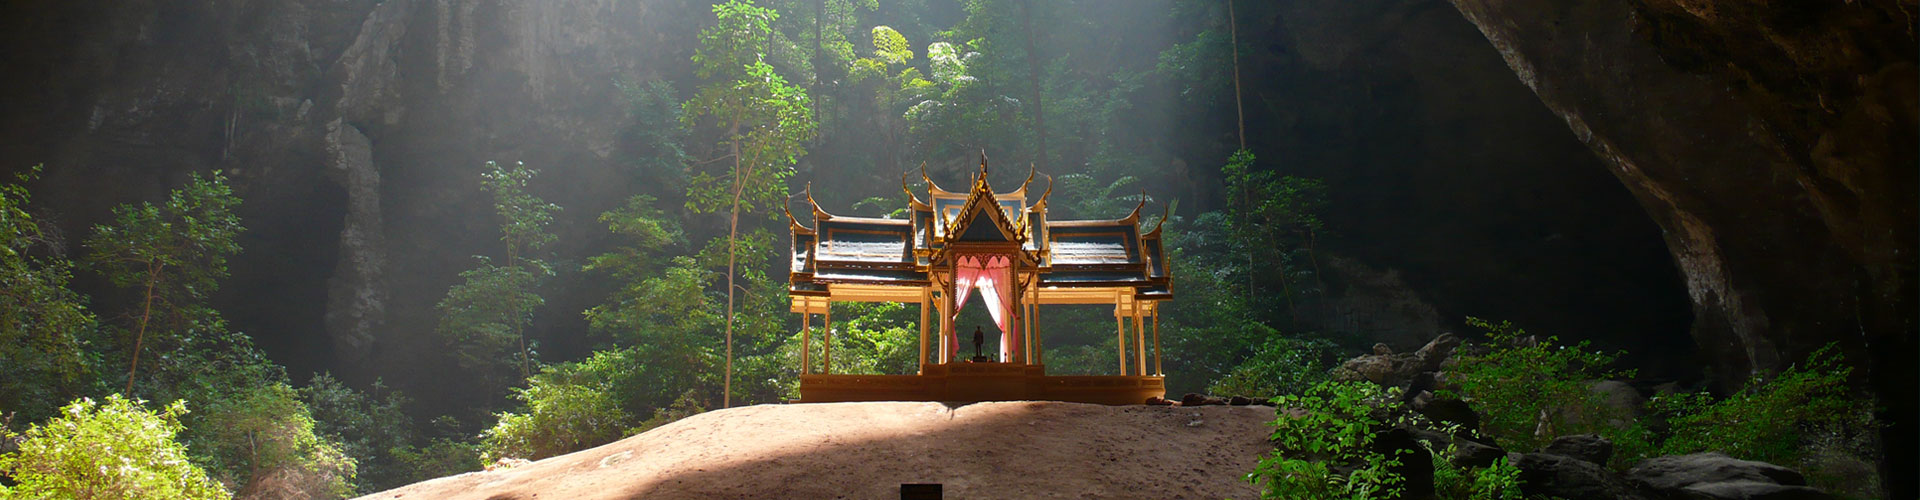 Hua Hin, Cha-am, Khao Yai, Kanchanaburi, Ayutthaya